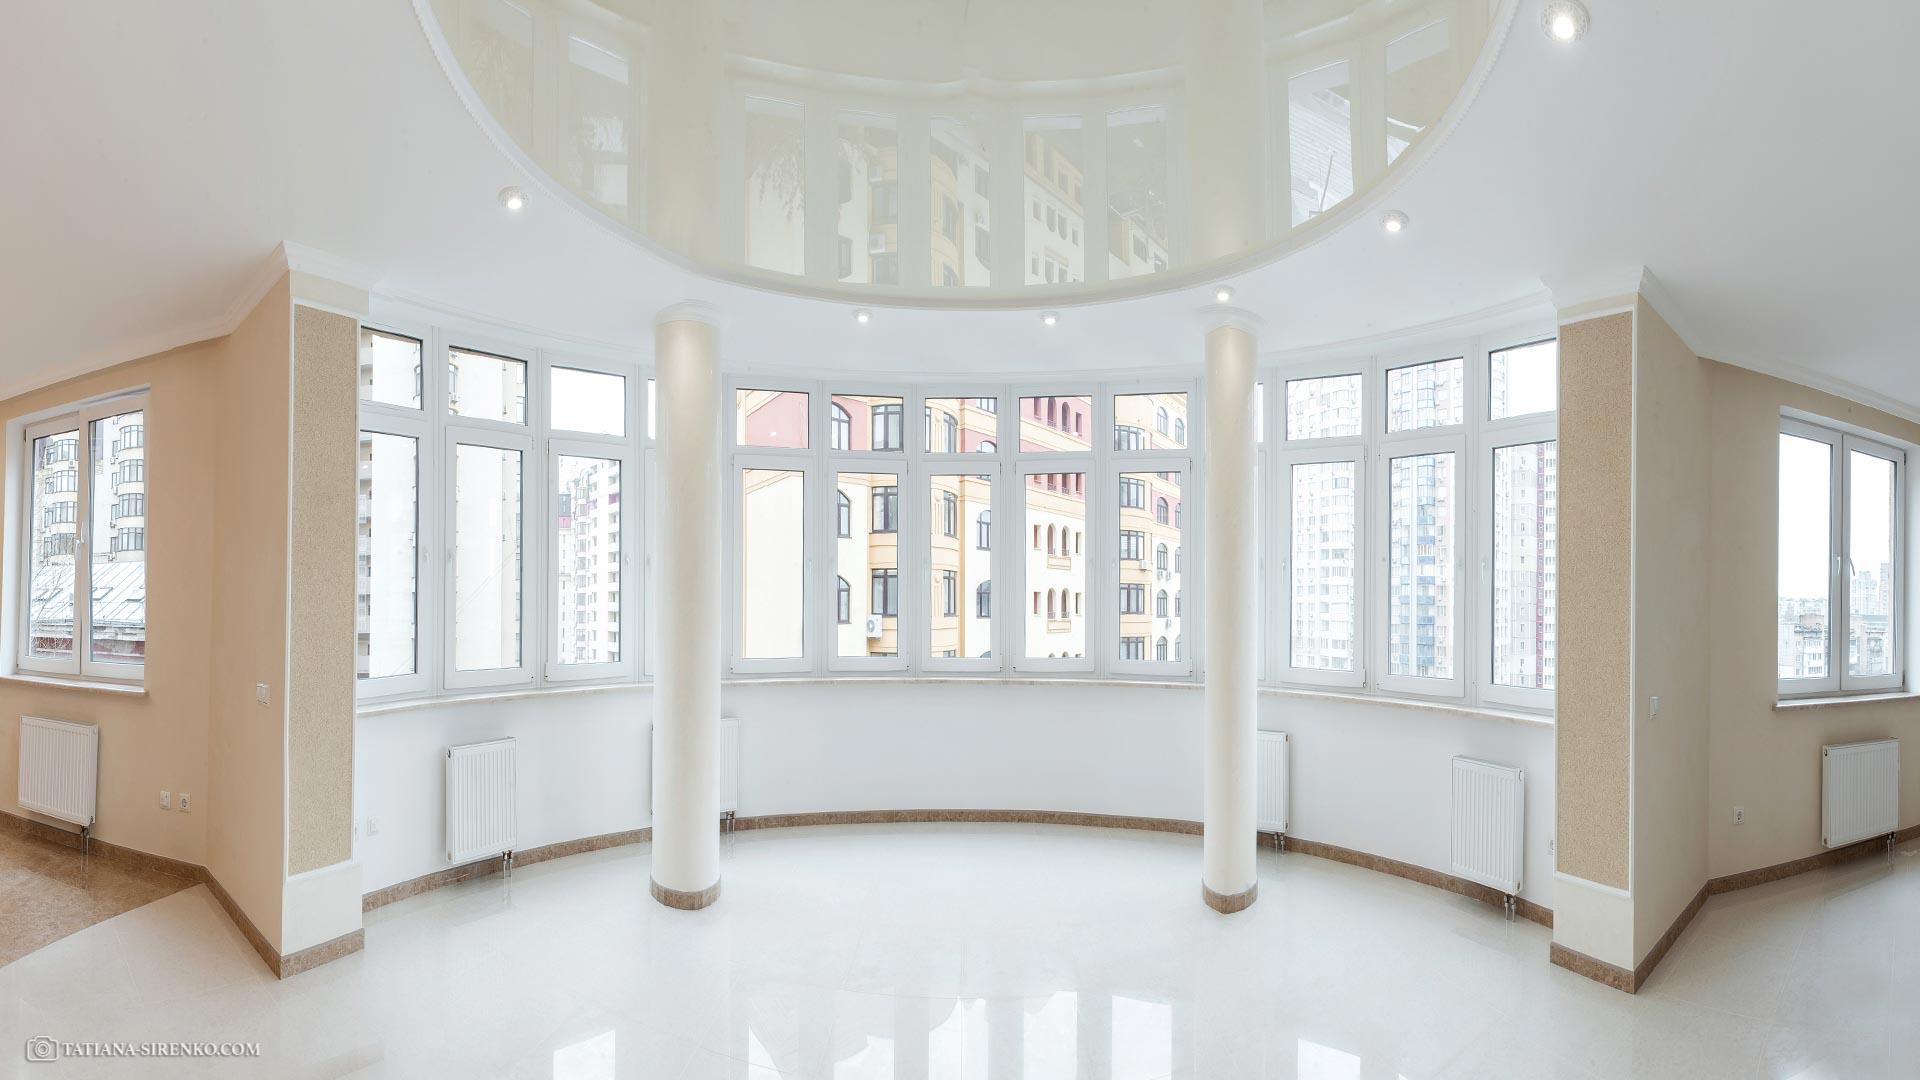 Фотосъемка недвижимости Киев